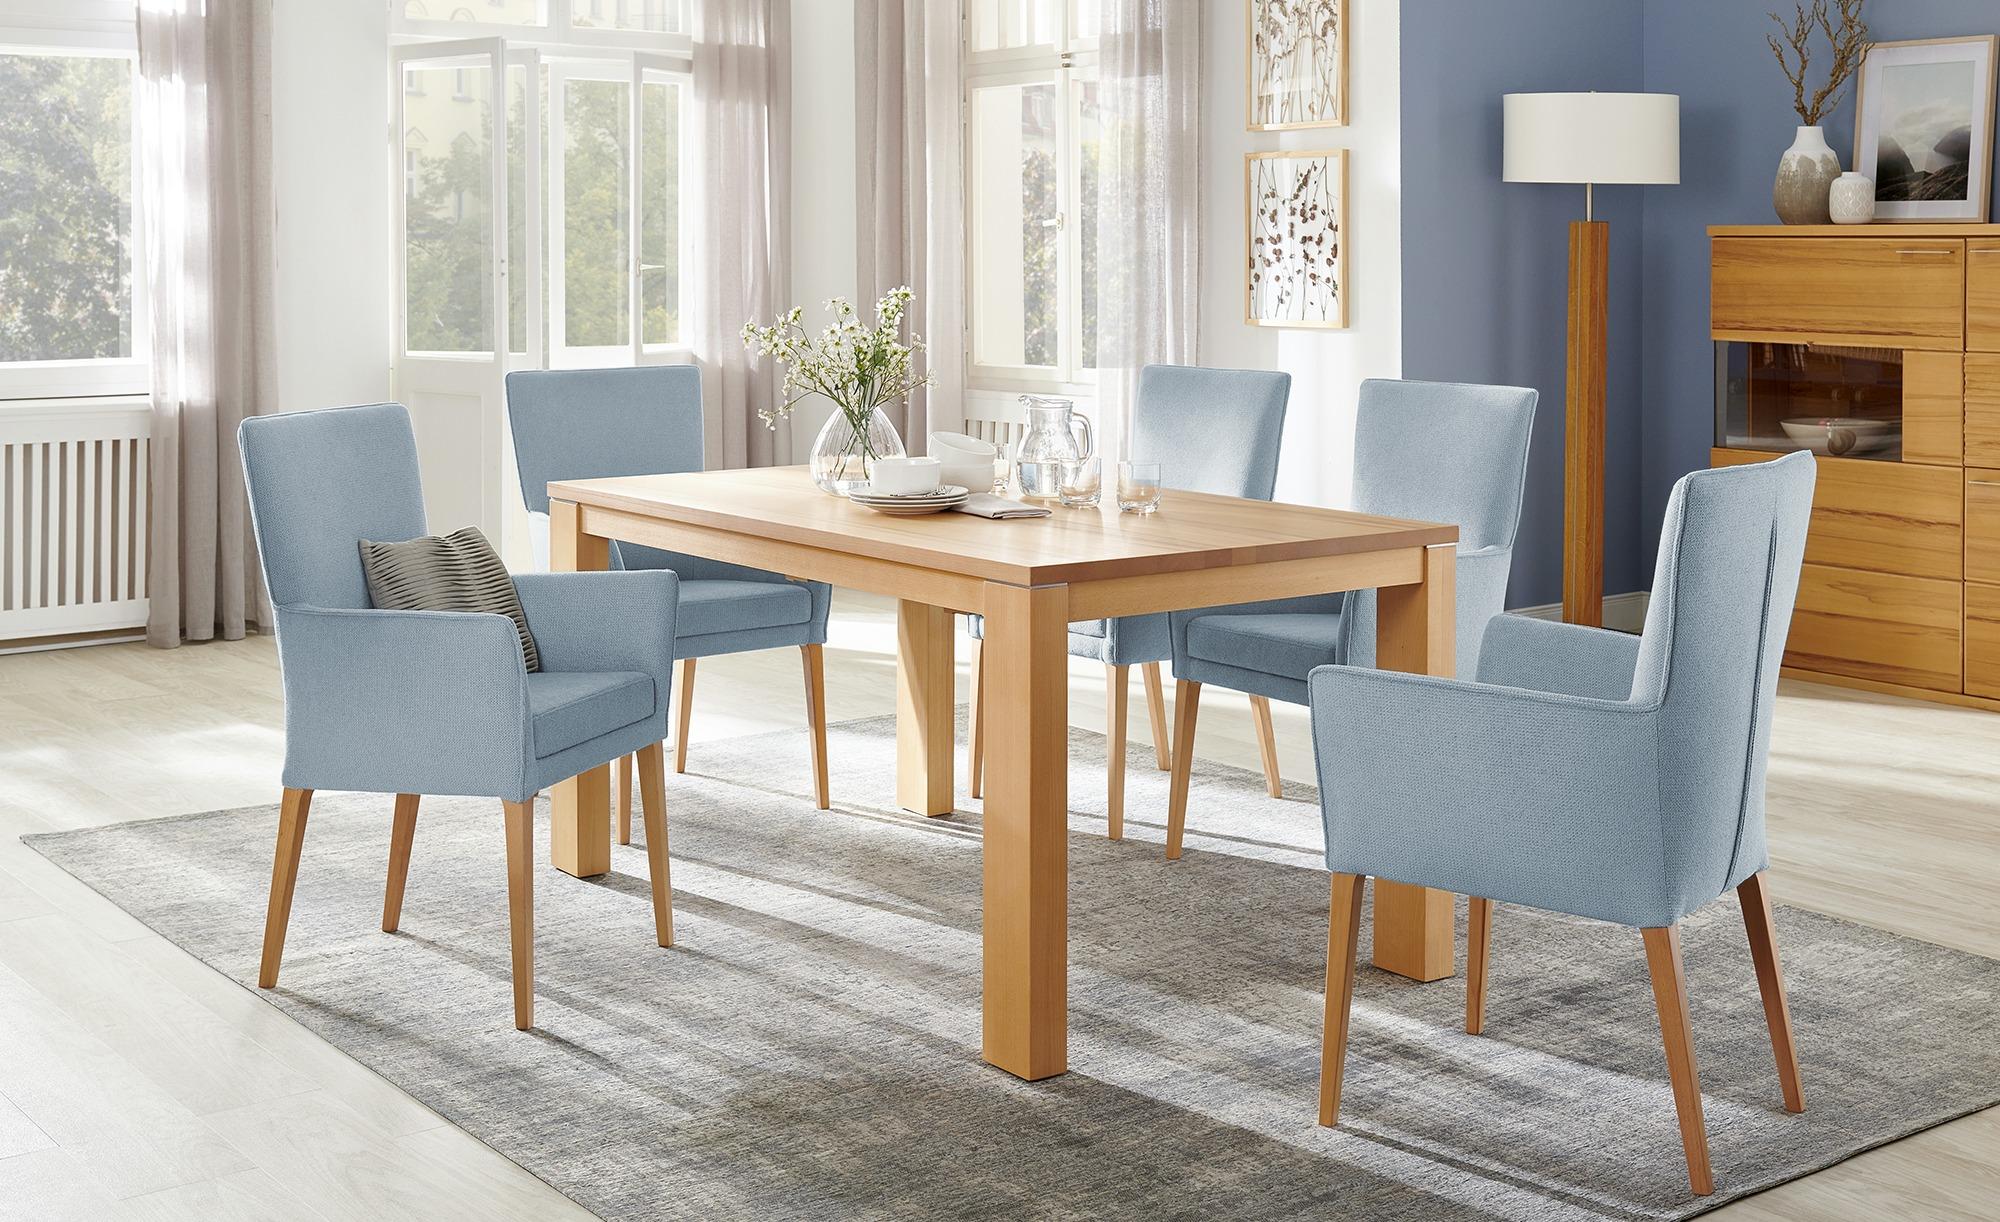 Wohnwert Armlehn-Polsterstuhl  Aron ¦ blau Stühle > Esszimmerstühle > Esszimmerstühle mit Armlehnen - Höffner